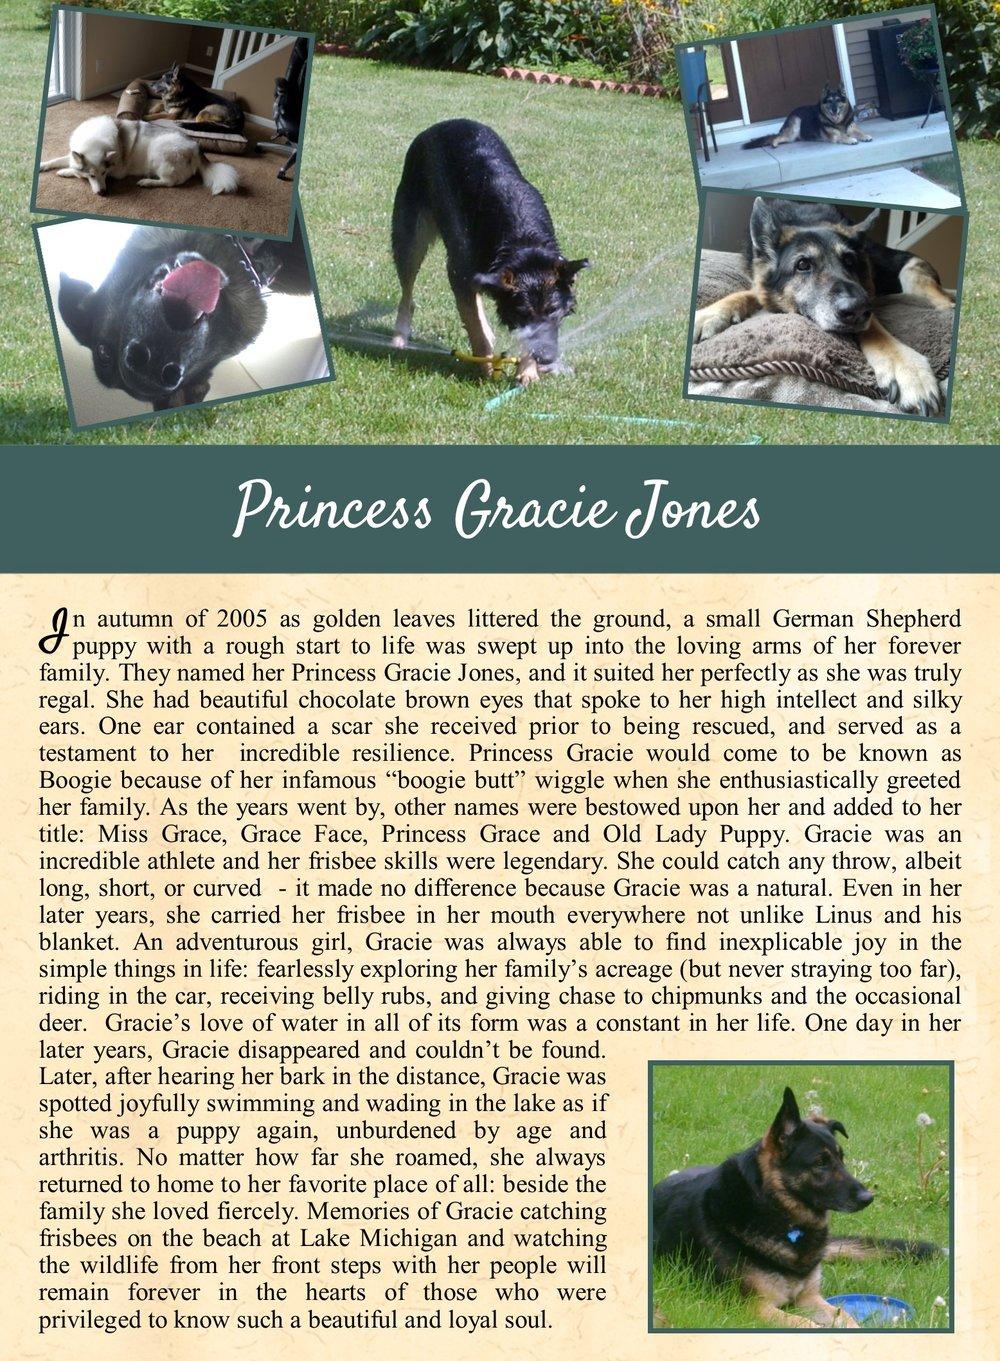 Princess Gracie Jones